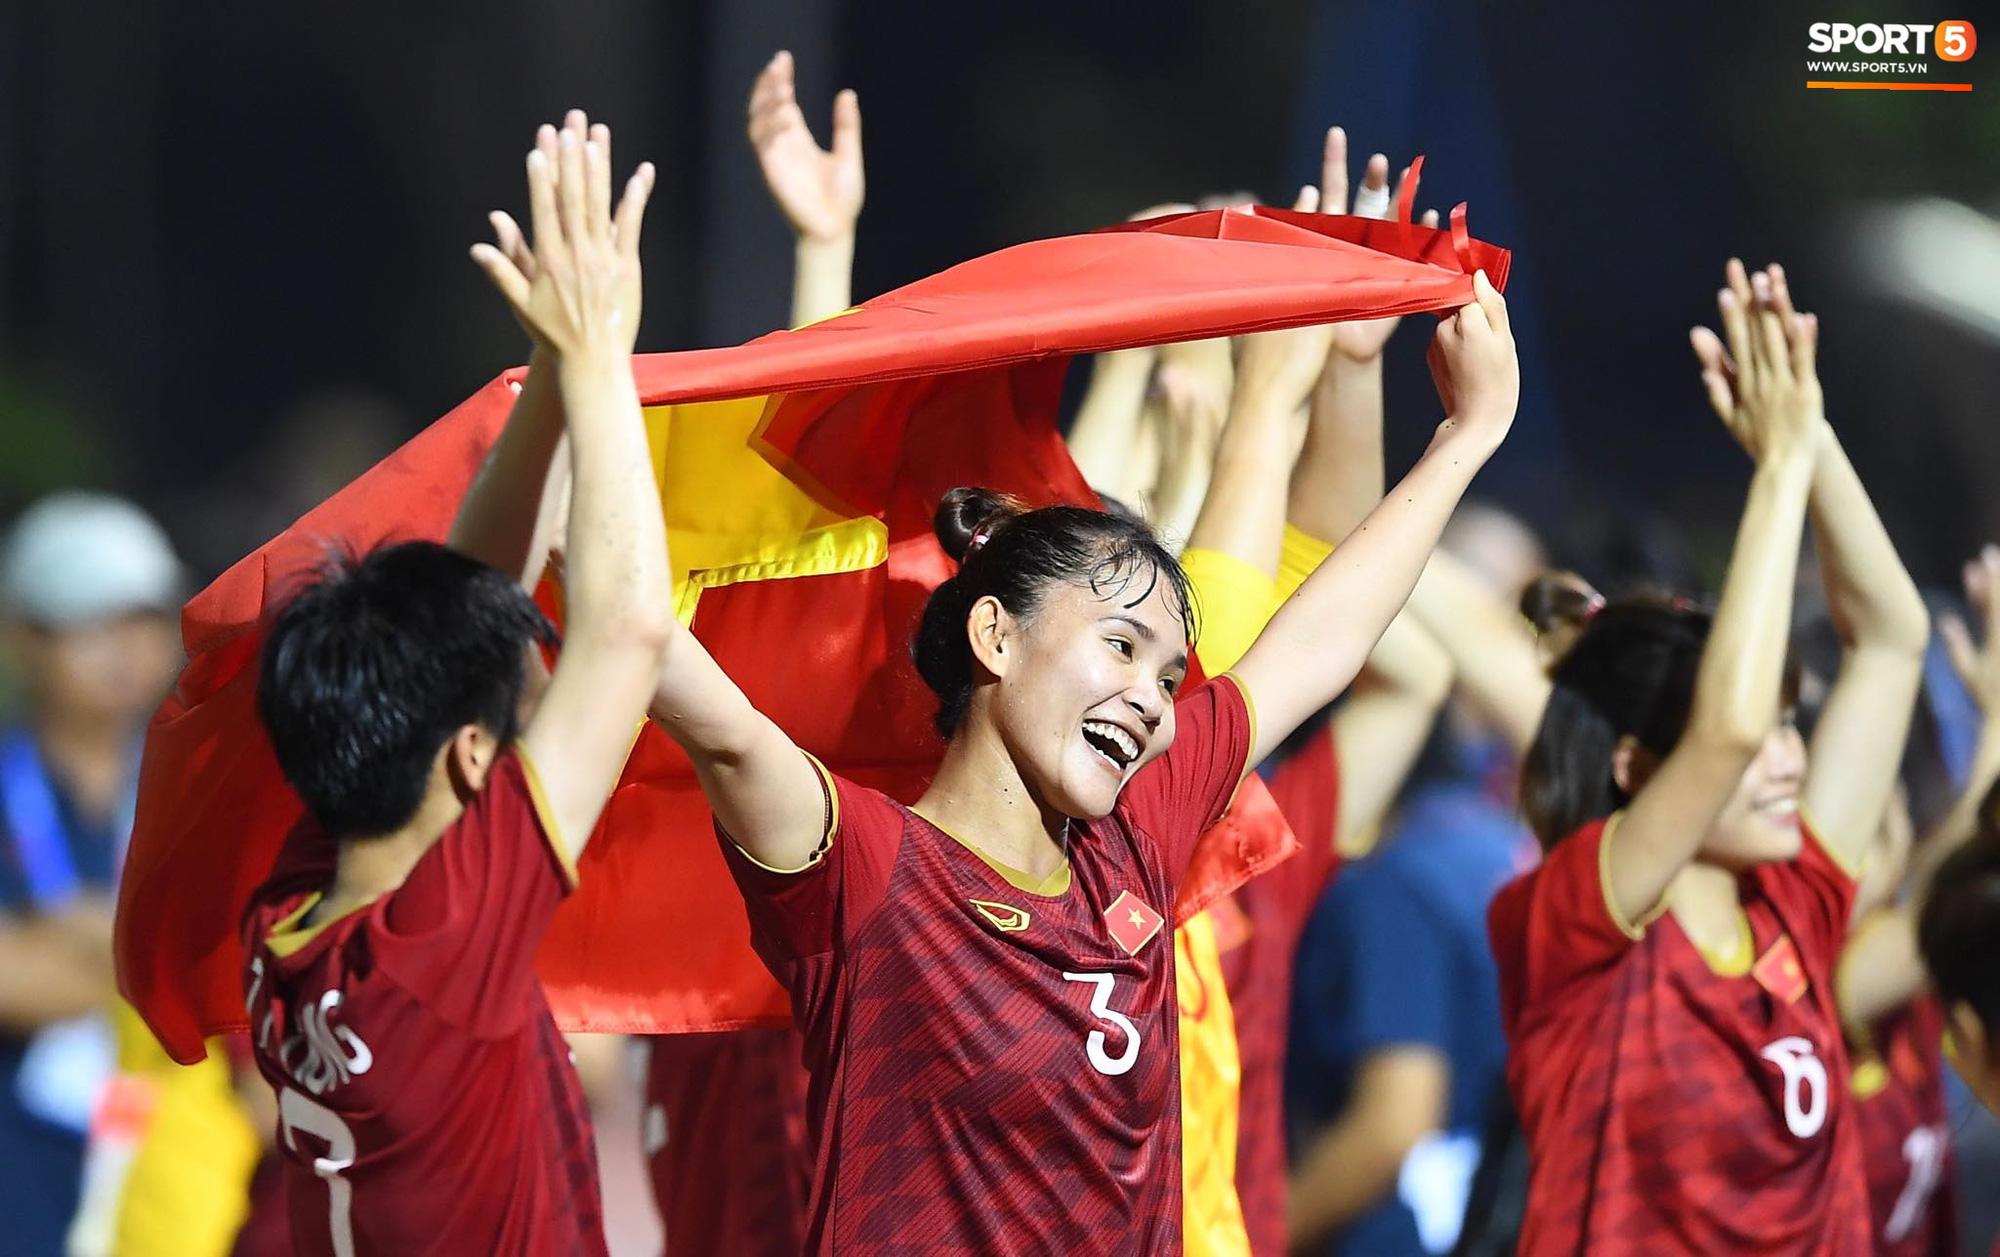 Đội trưởng tuyển nữ Việt Nam đổ gục xuống sân vì kiệt sức sau khi cùng đồng đội giành quyền vào chung kết SEA Games 30 - Ảnh 12.